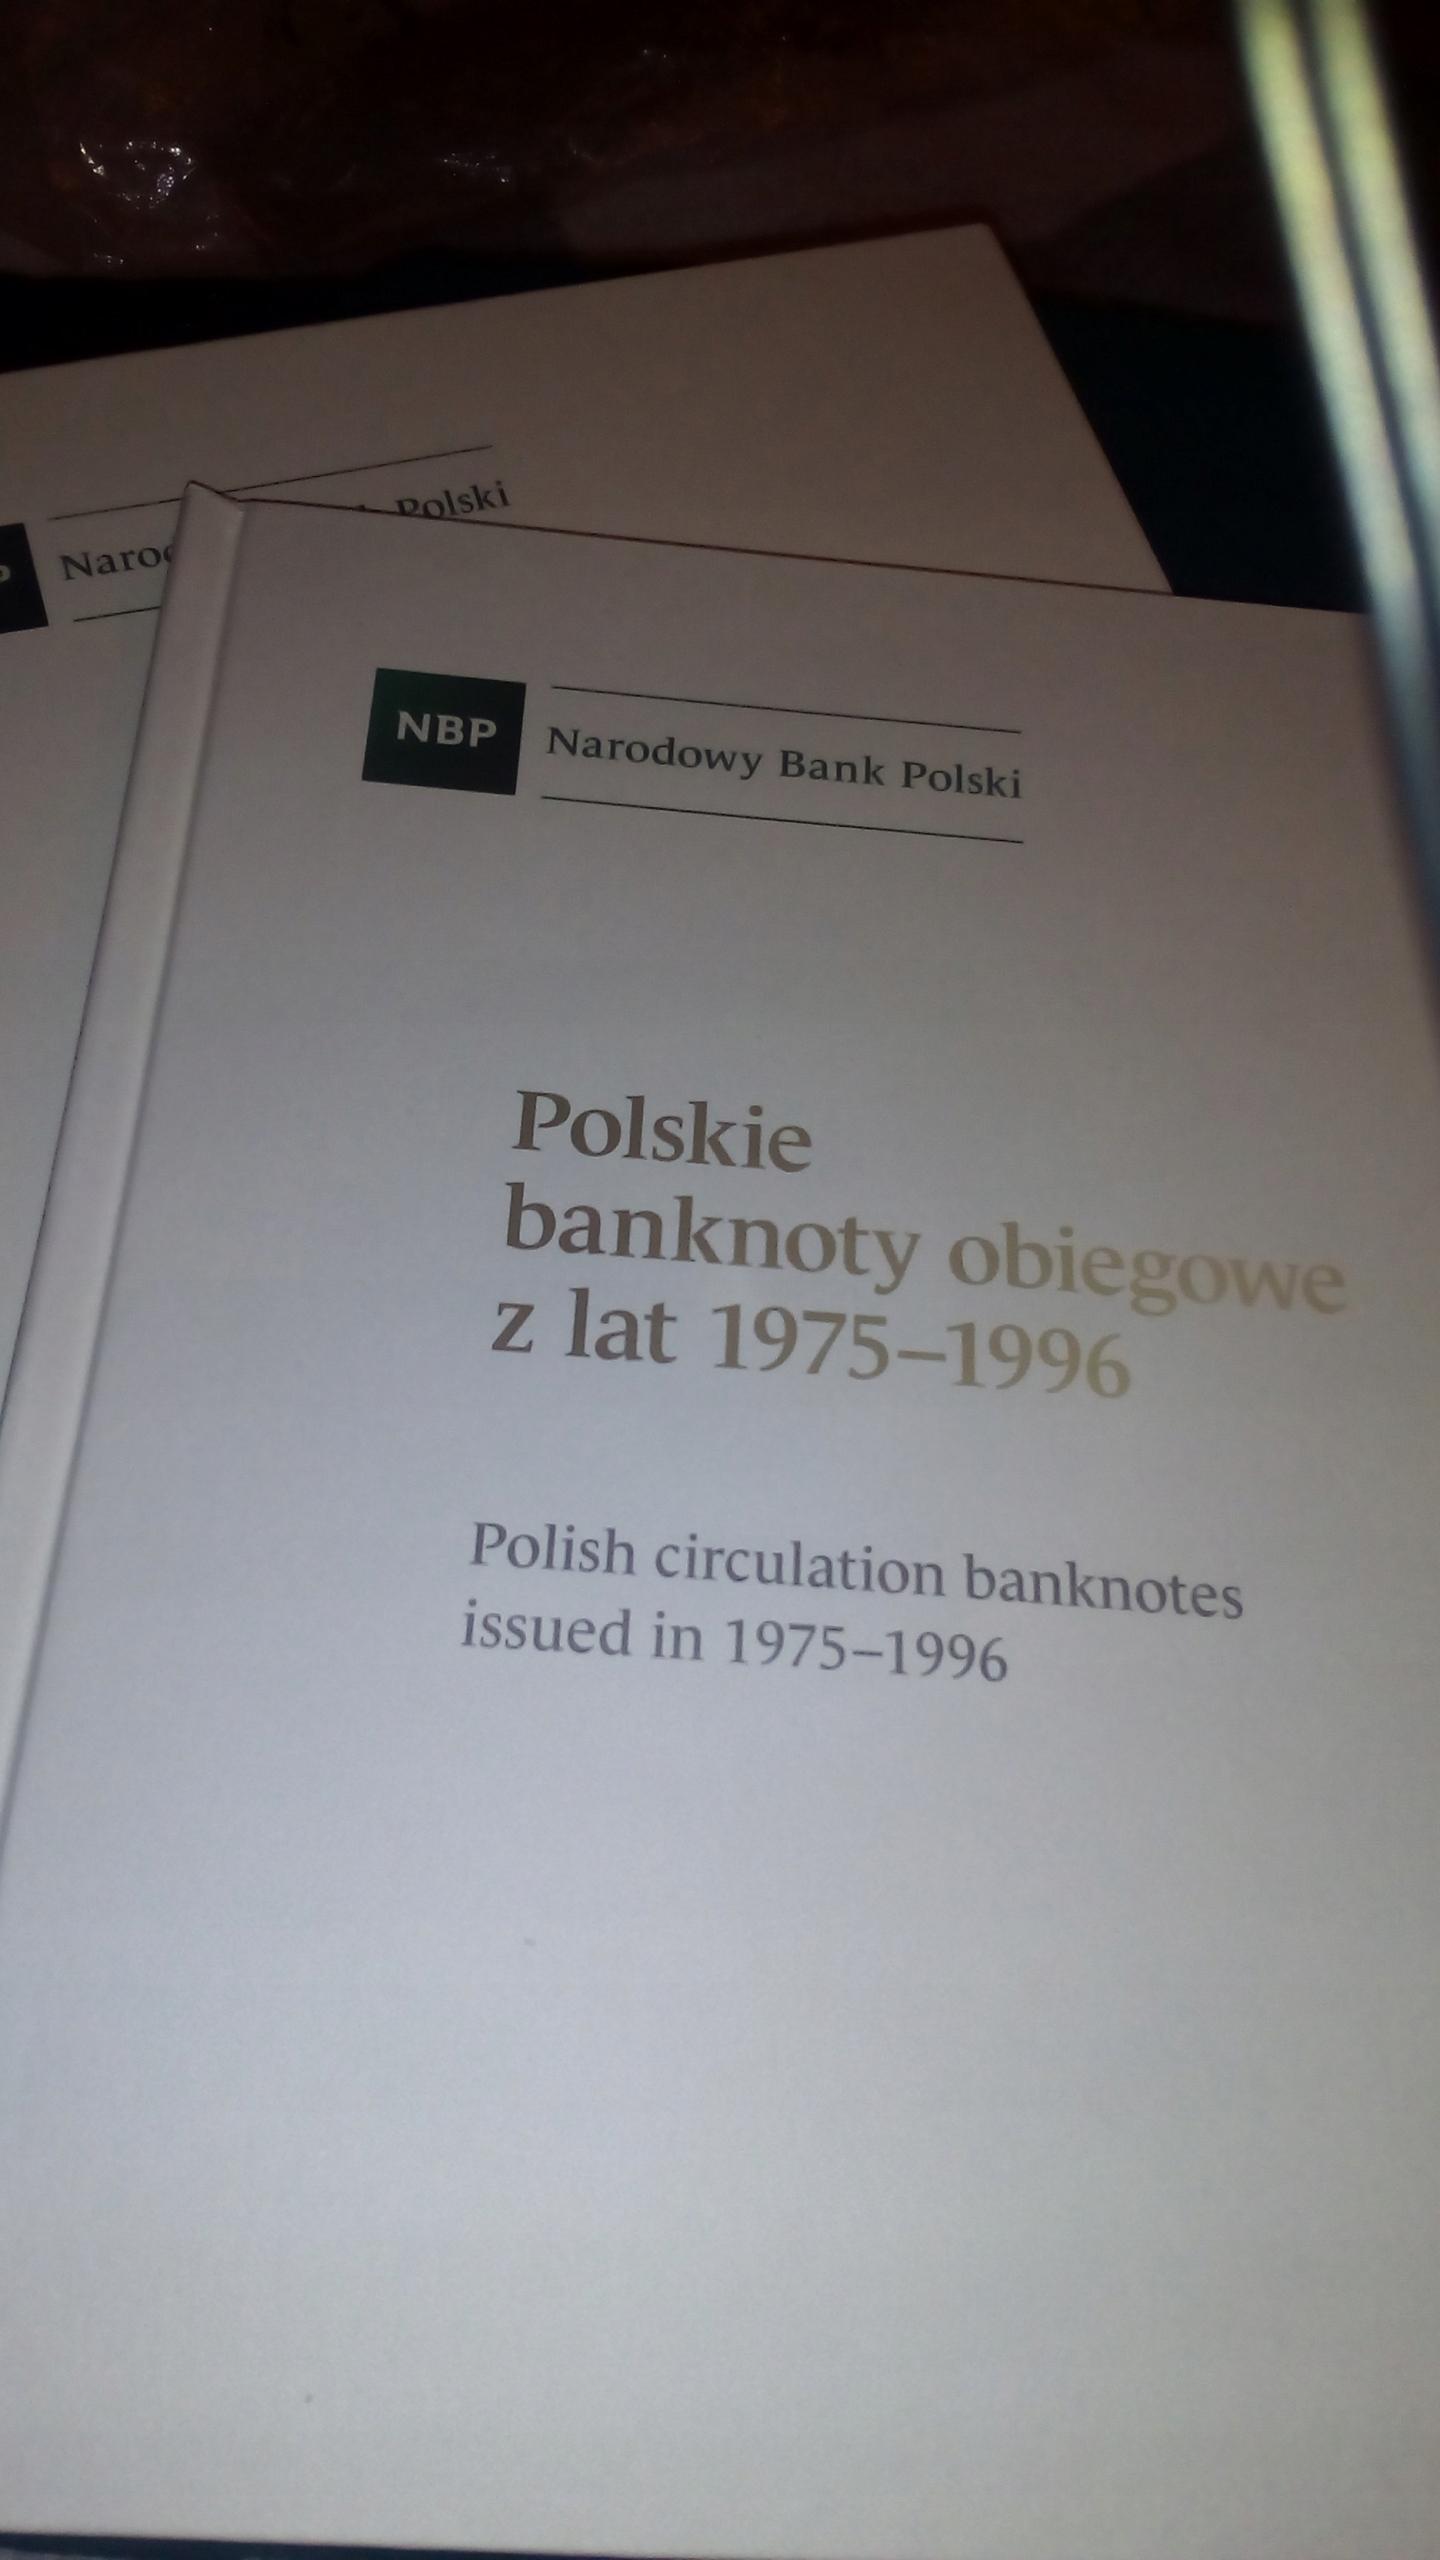 PUSTY ALBUM POLSKIE BANKNOTY OBIEGOWE 1975 - 1996